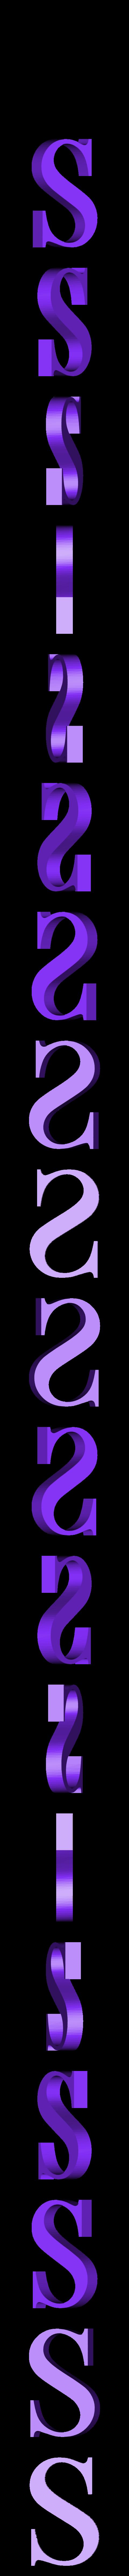 S.STL Télécharger fichier STL gratuit alphabet • Modèle pour imprimante 3D, Cerega